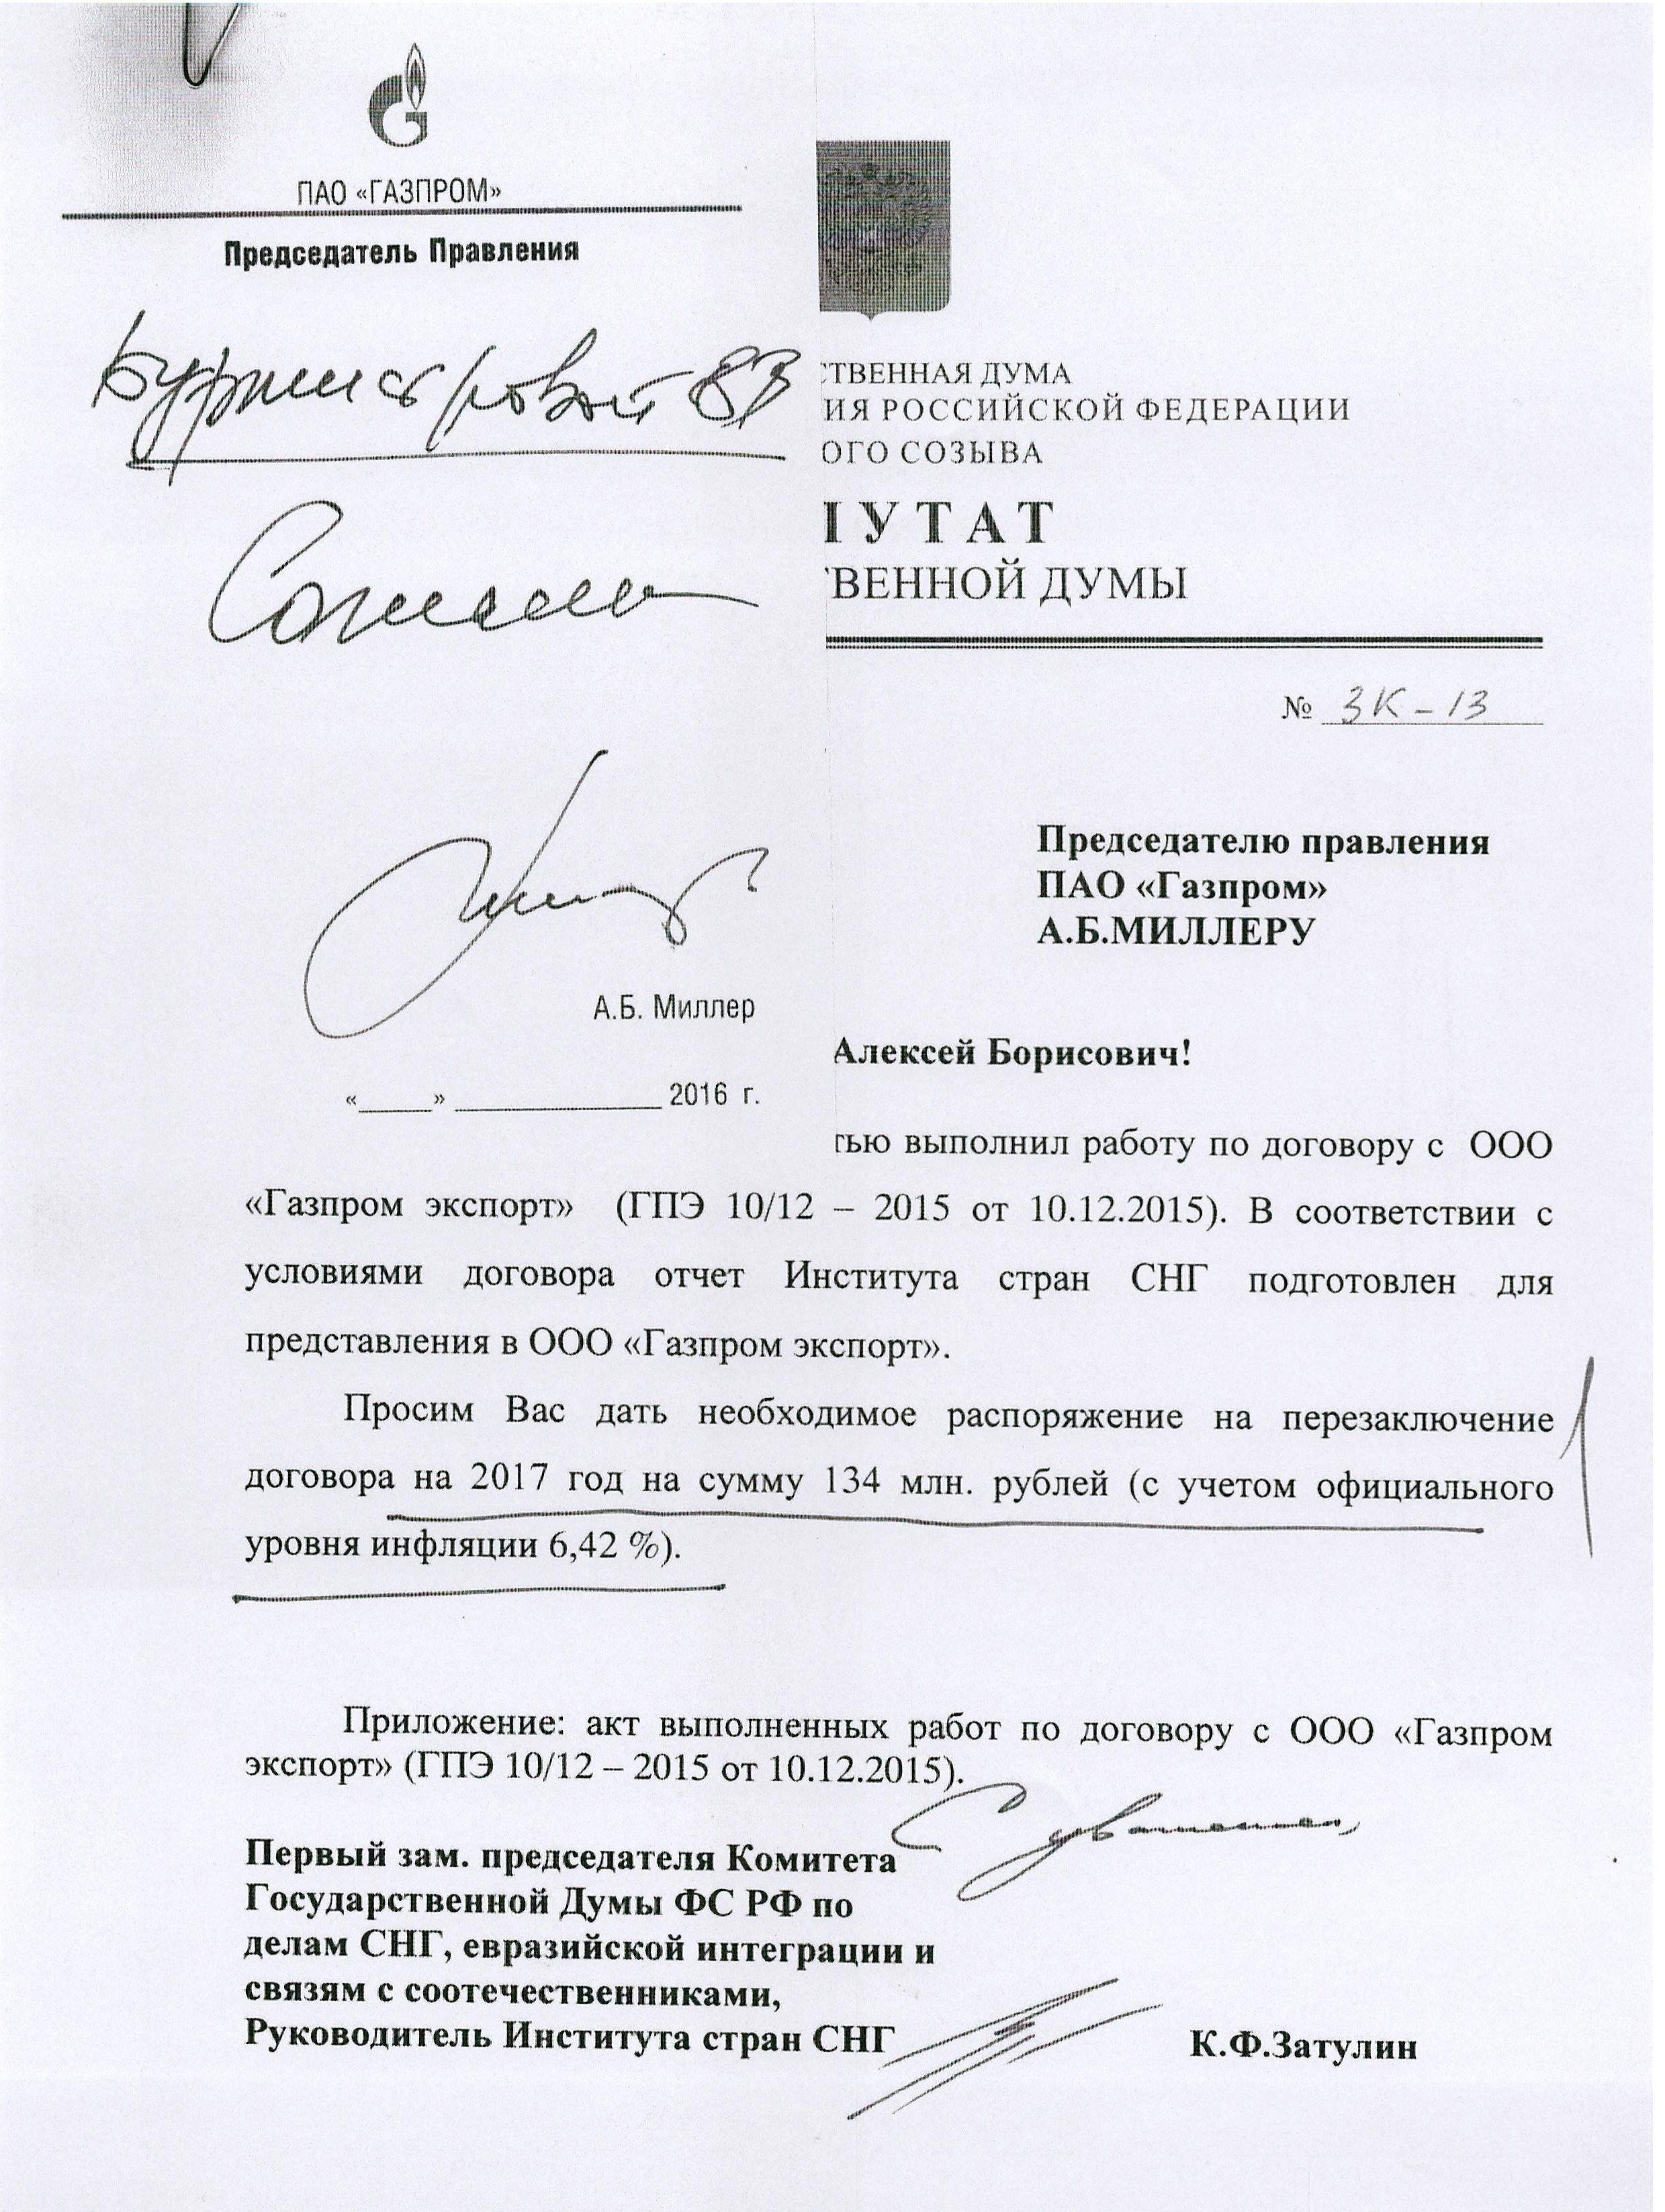 дамп документів інститут снд_1